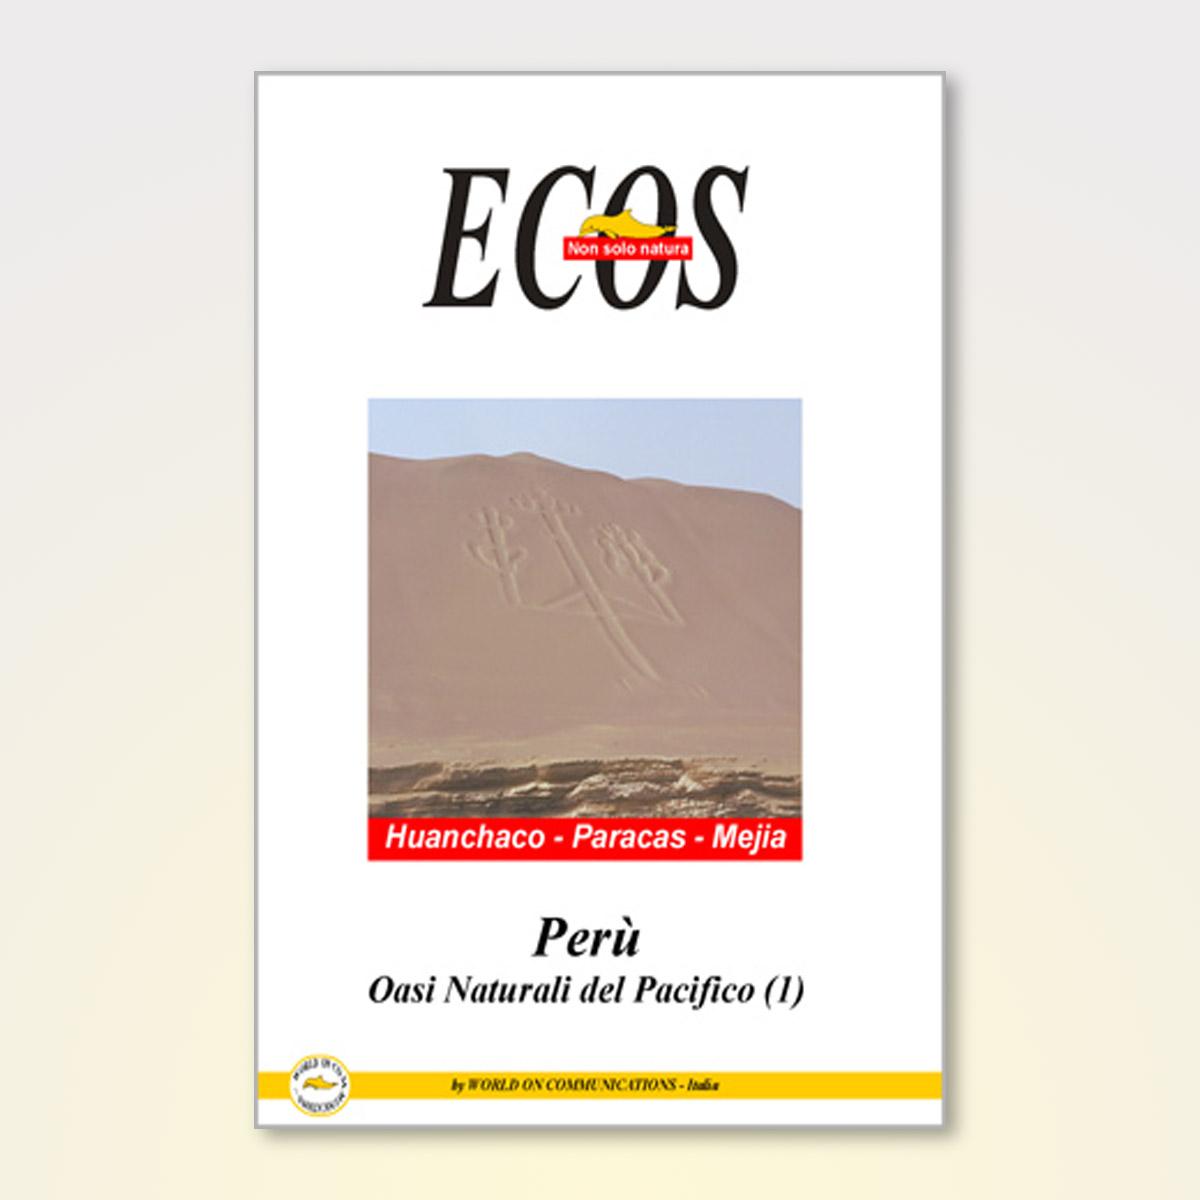 Natural Oasis of Peru